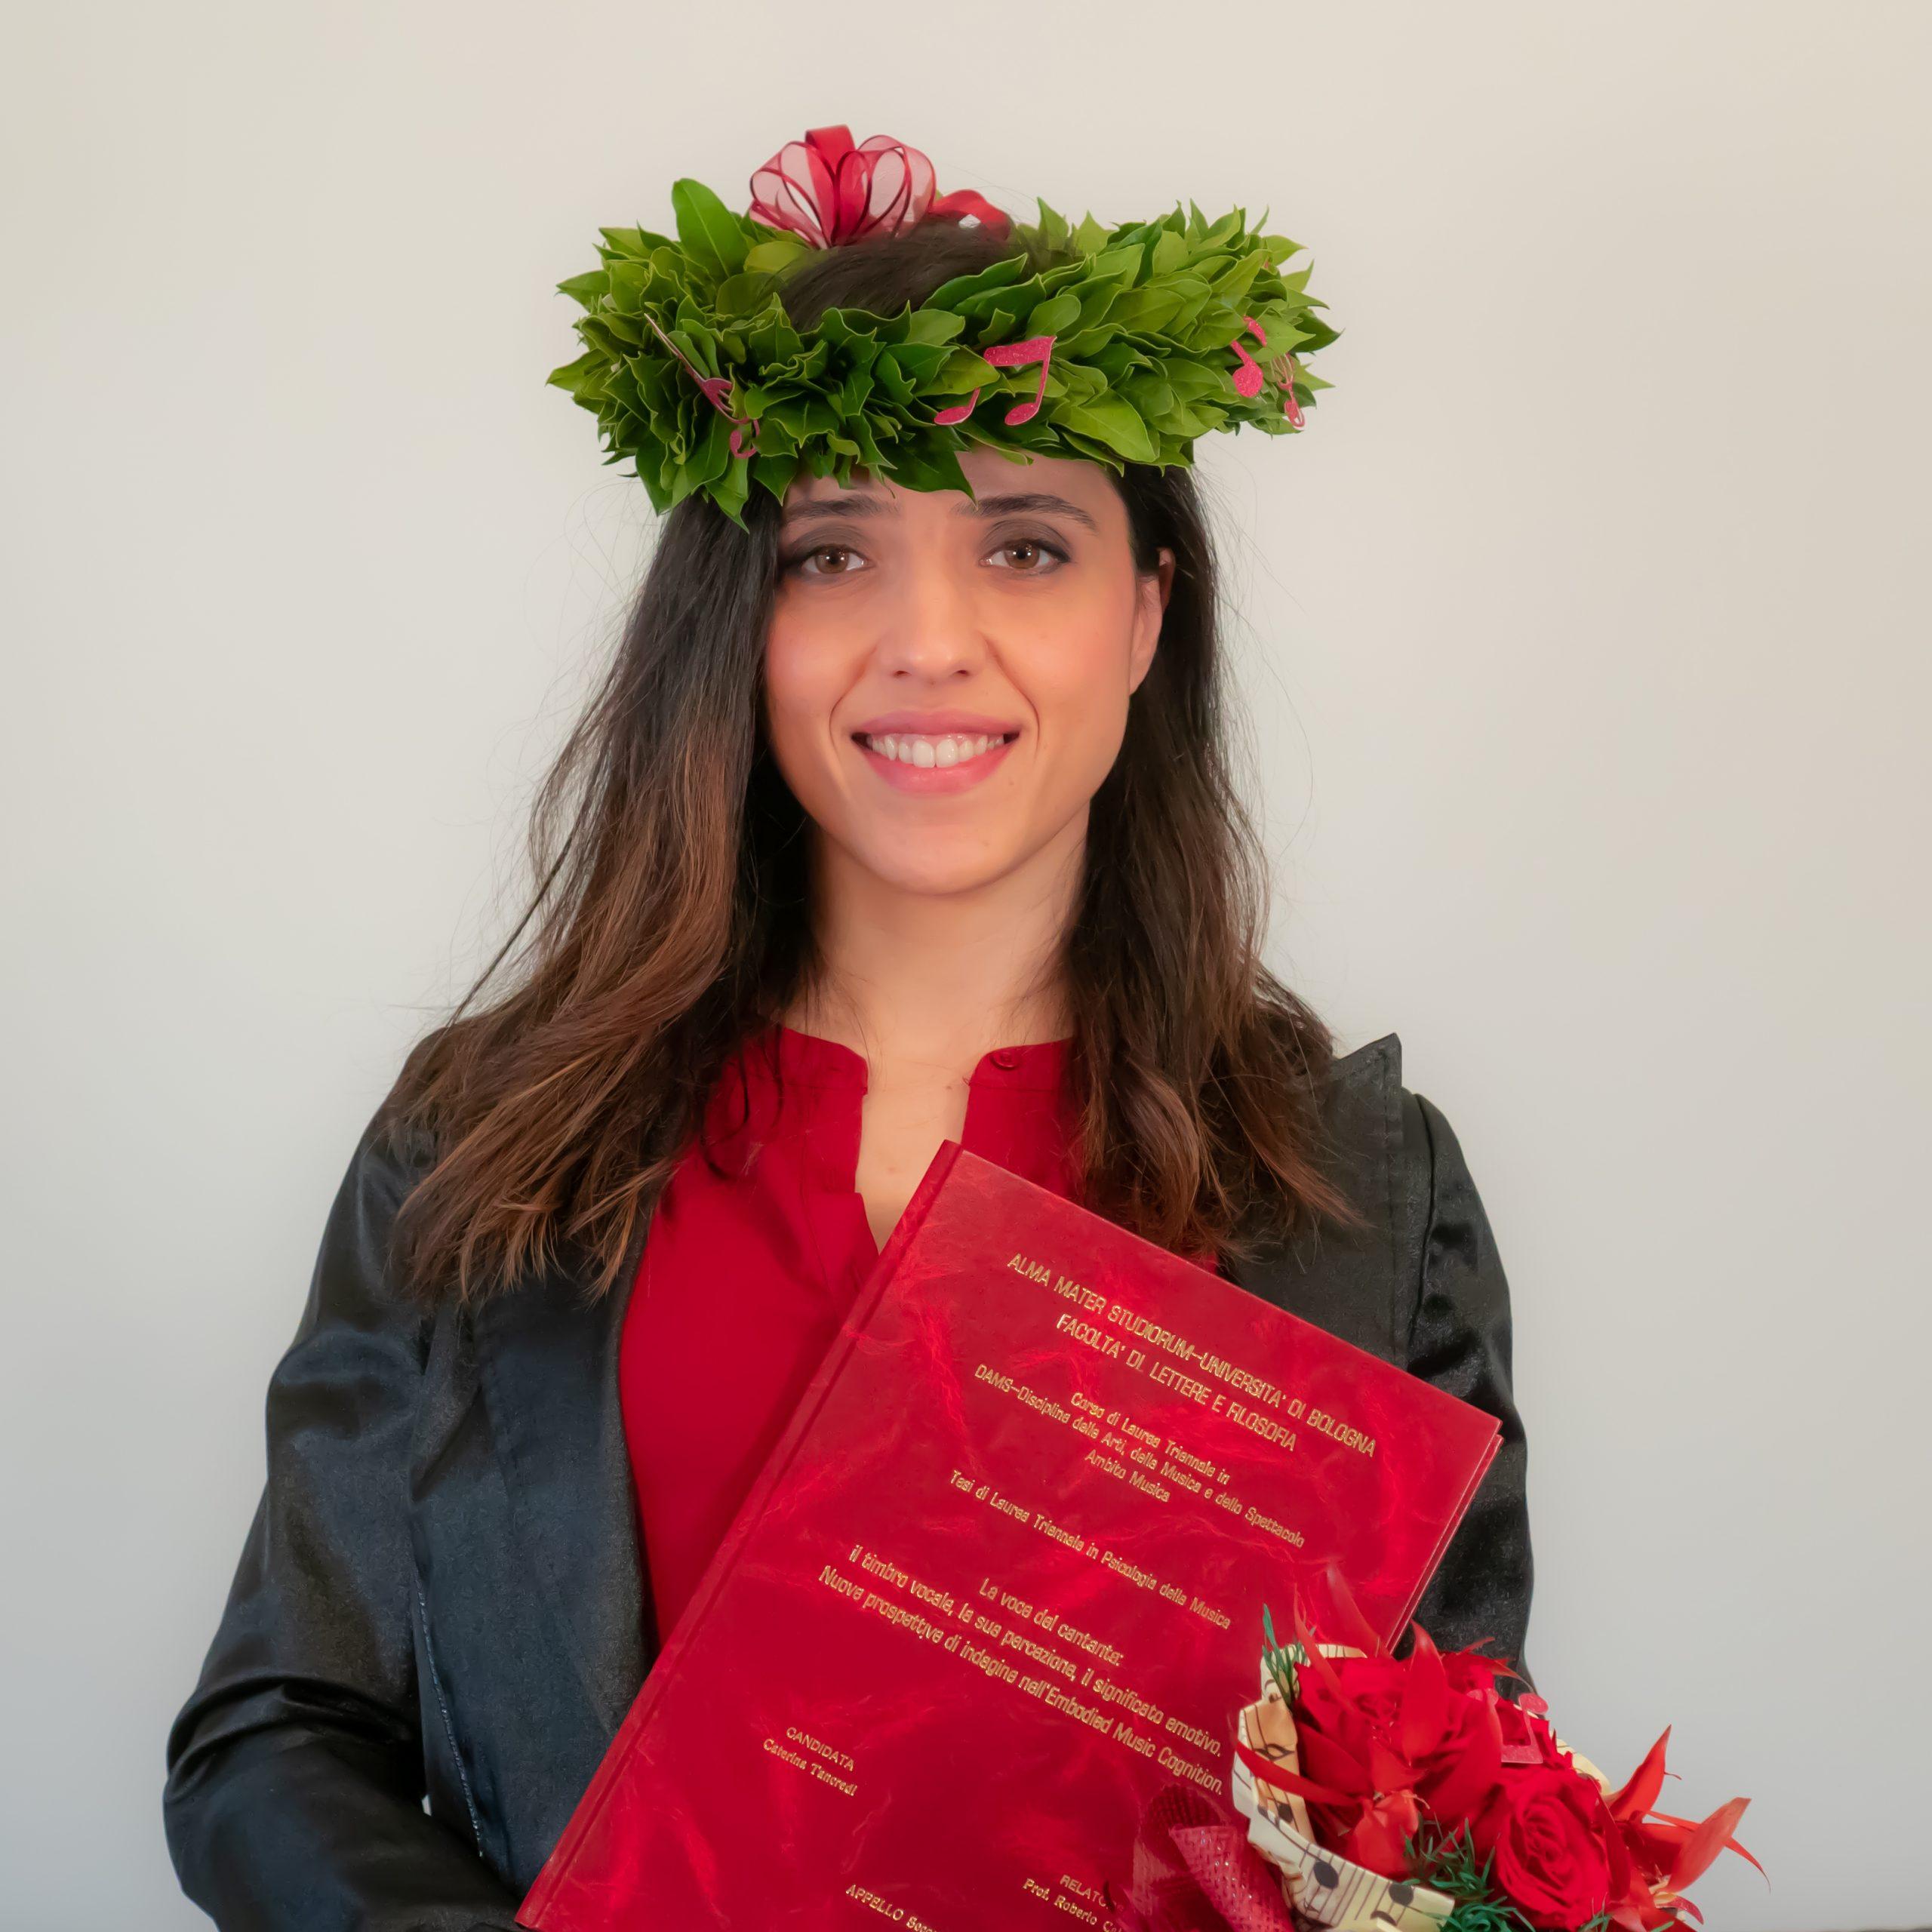 Laurea in Discipline delle Arti, della Musica e dello Spettacolo per la nostra docente Caterina Tancredi